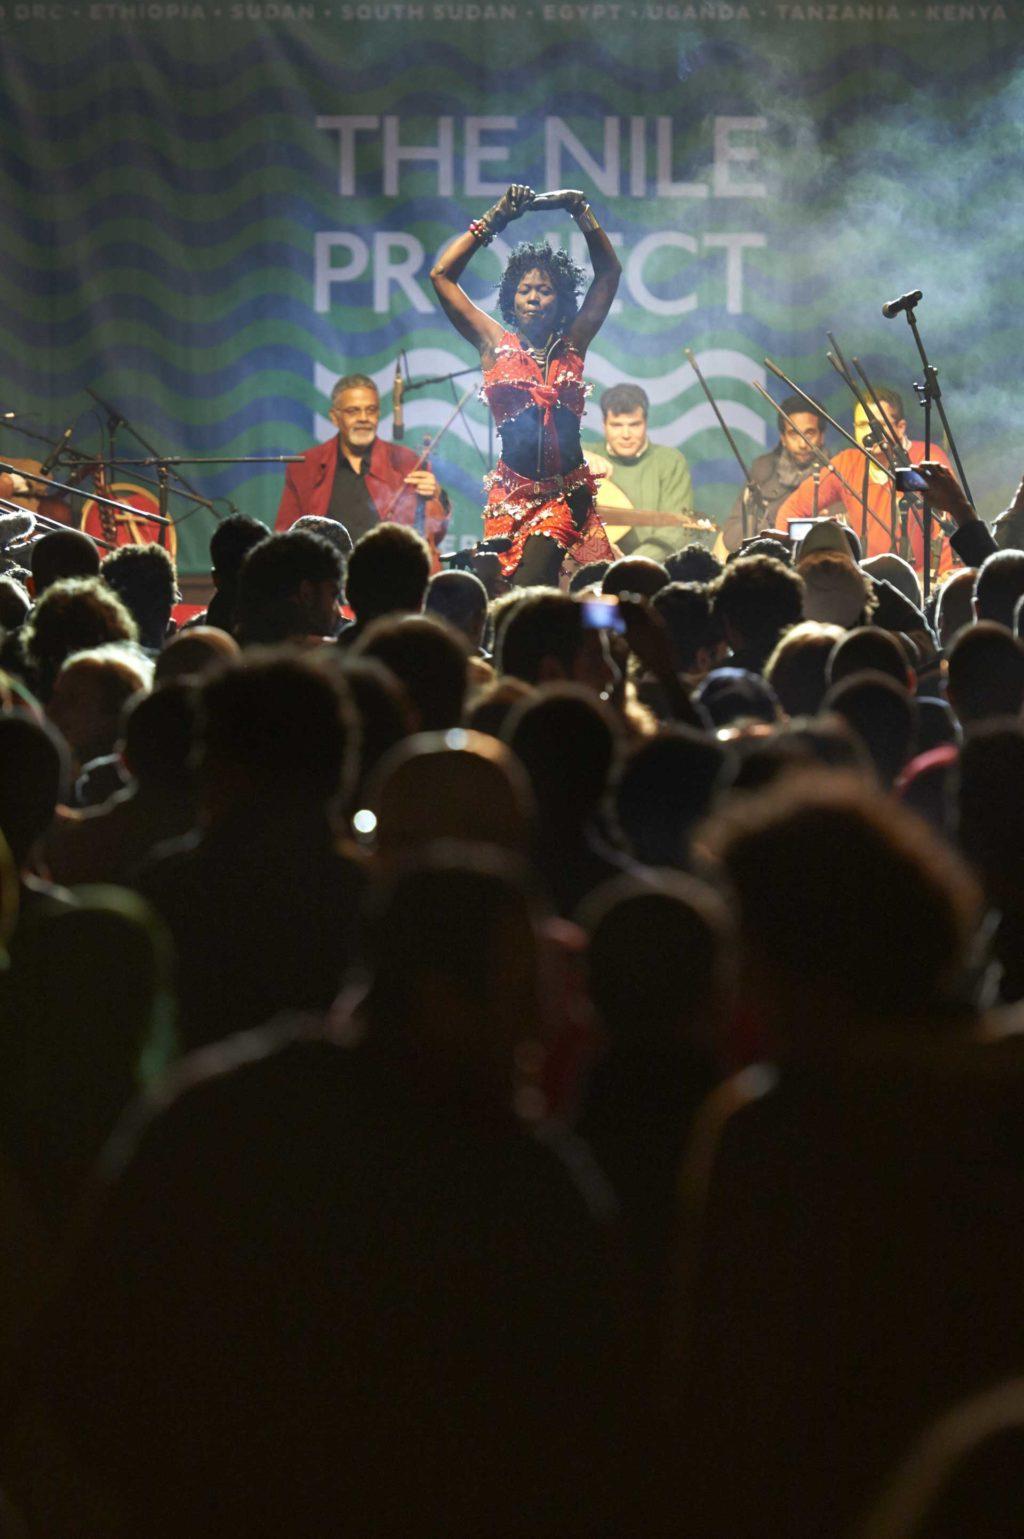 Nile-Project_2013-Cairo-Concert_180_Matjaz-Kacicnik